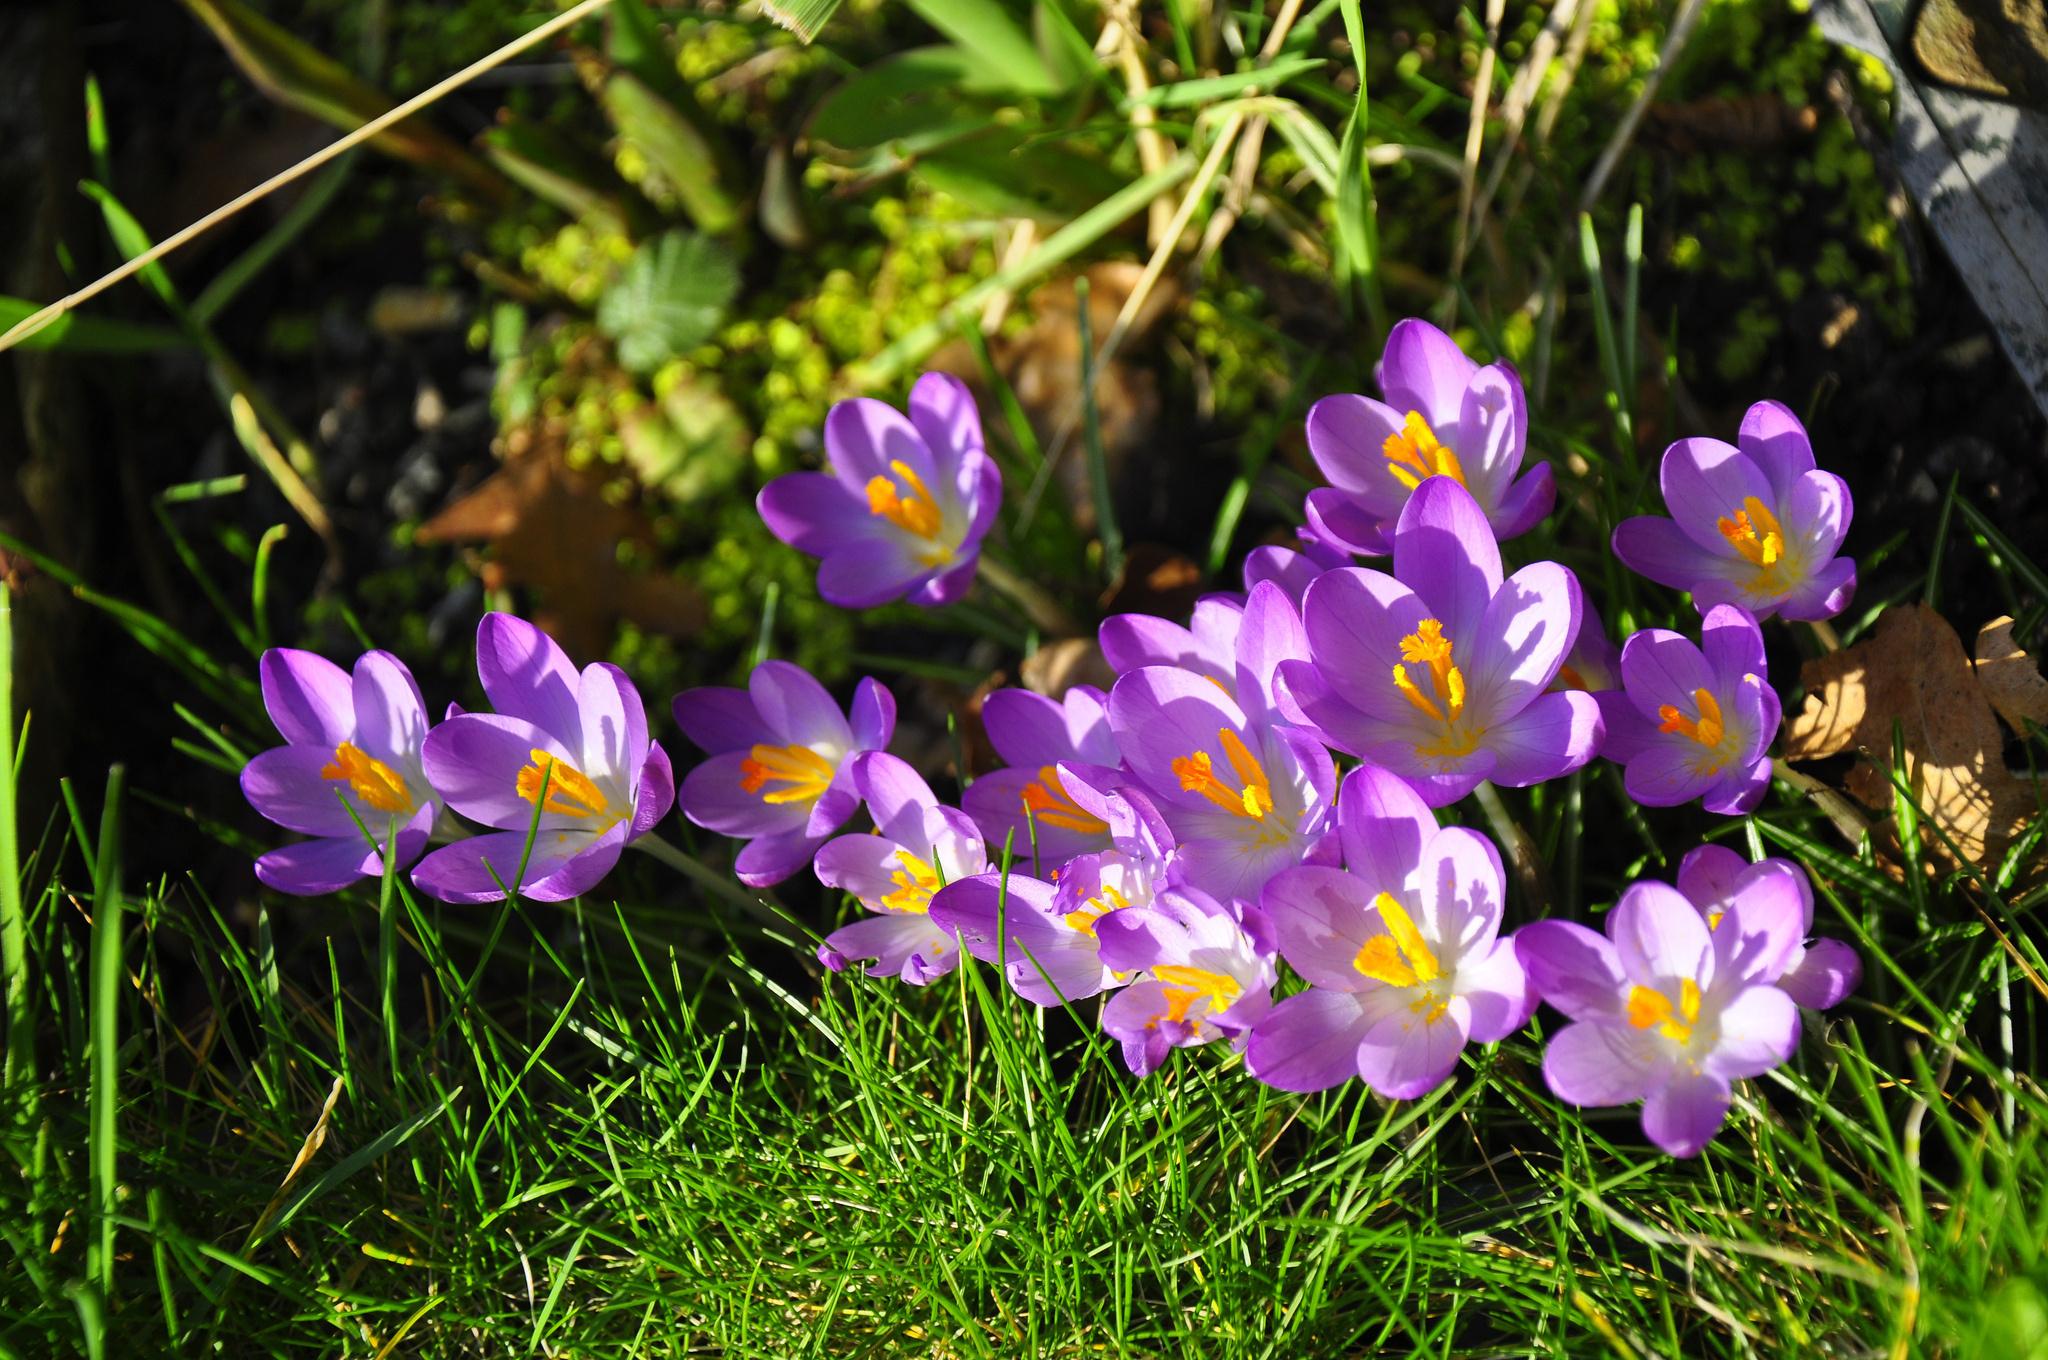 Обои Весна, позитив, макро фото тема. Природа foto 6